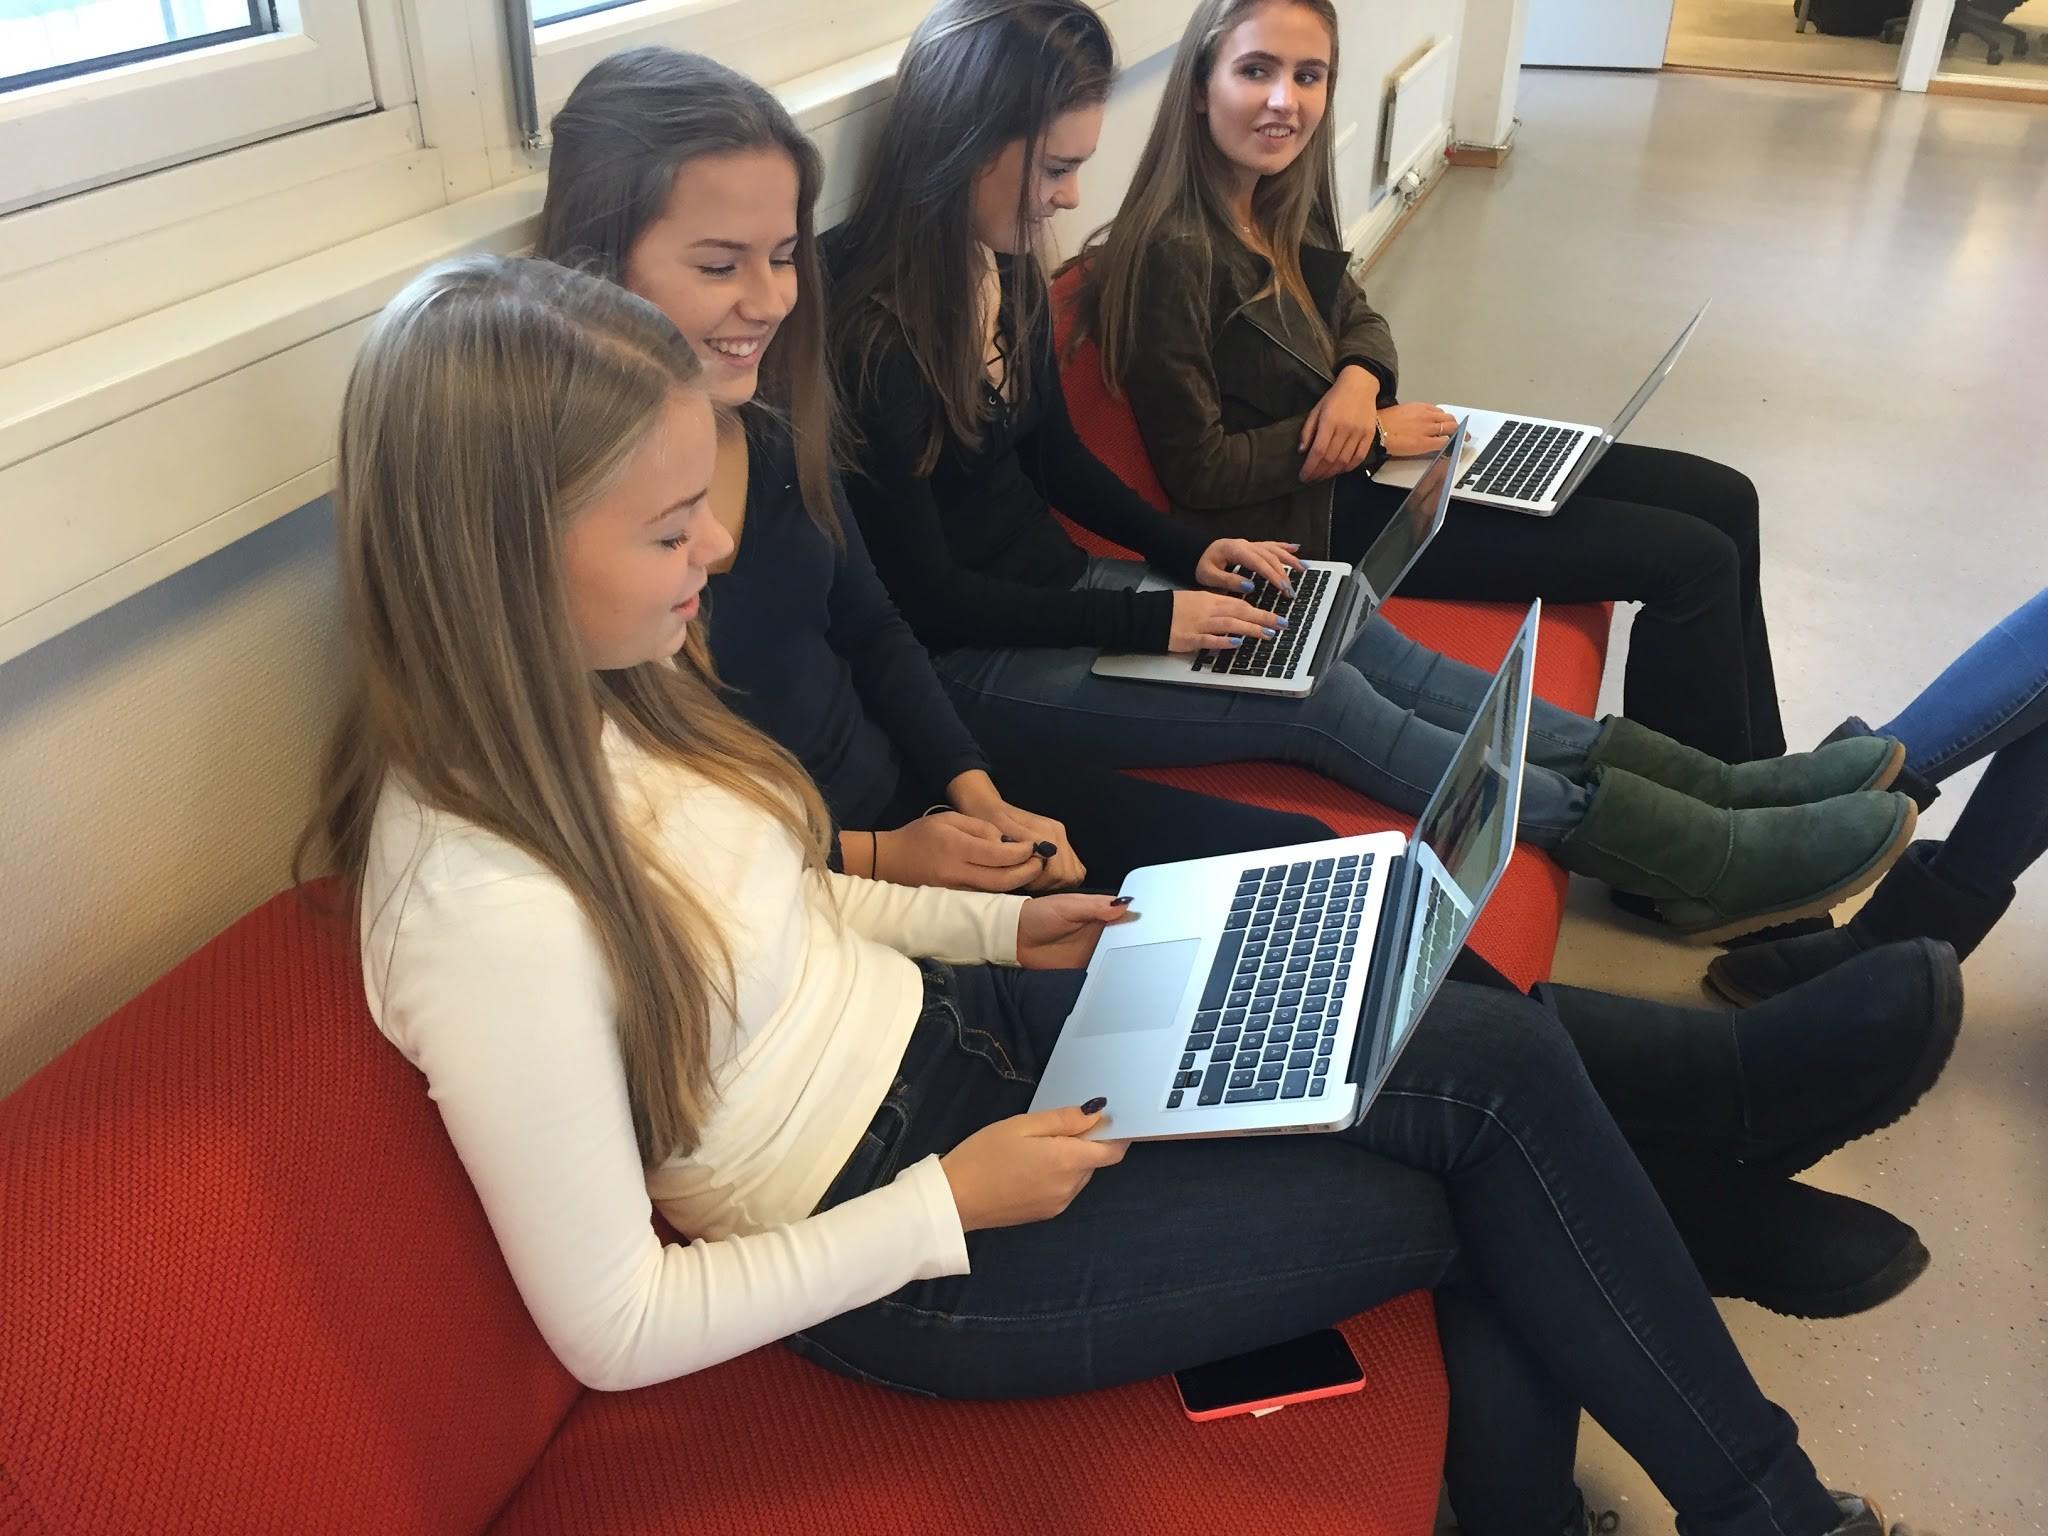 Sandvika VGS, uma das escolas secundárias norueguesas com maior grau de reconhecimento por iniciativas inovadoras em educação (Foto: Arquivo pessoal/ Ann Michaelsen)